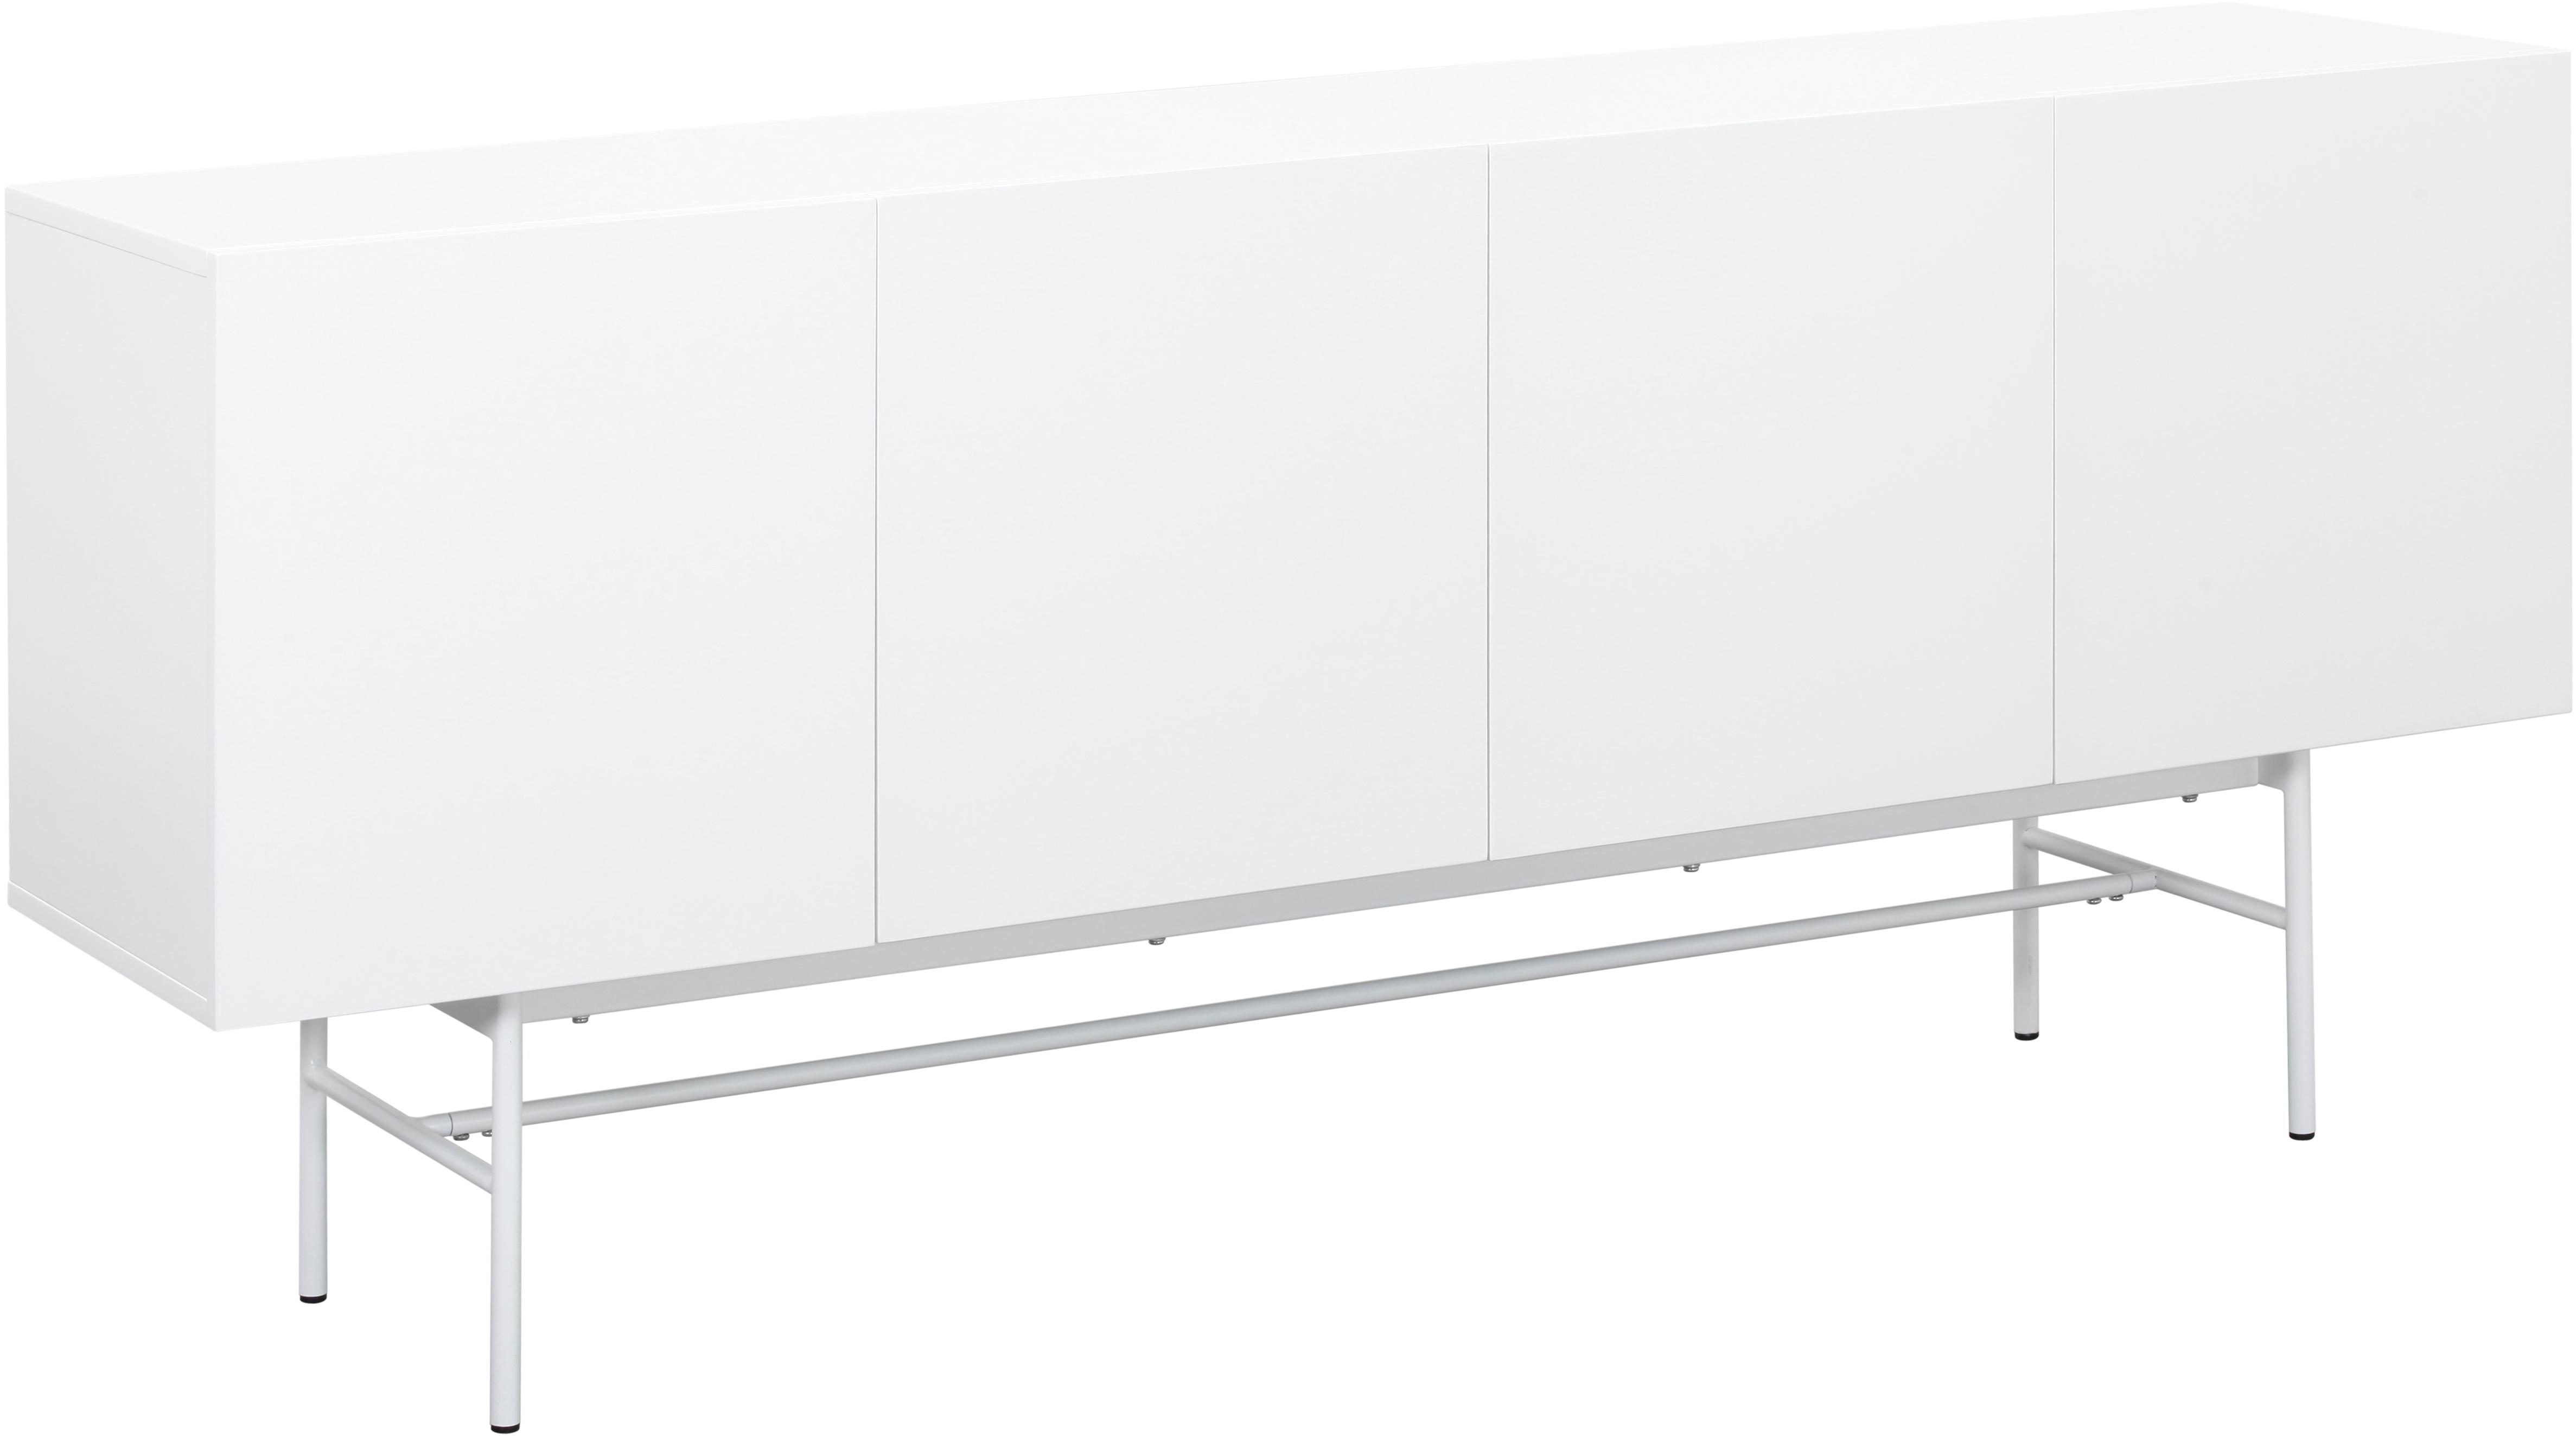 Modernes Sideboard Anders, Korpus: Mitteldichte Holzfaserpla, Füße: Metall, pulverbeschichtet, Korpus: WeißFüße: Weiß, matt, 180 x 80 cm